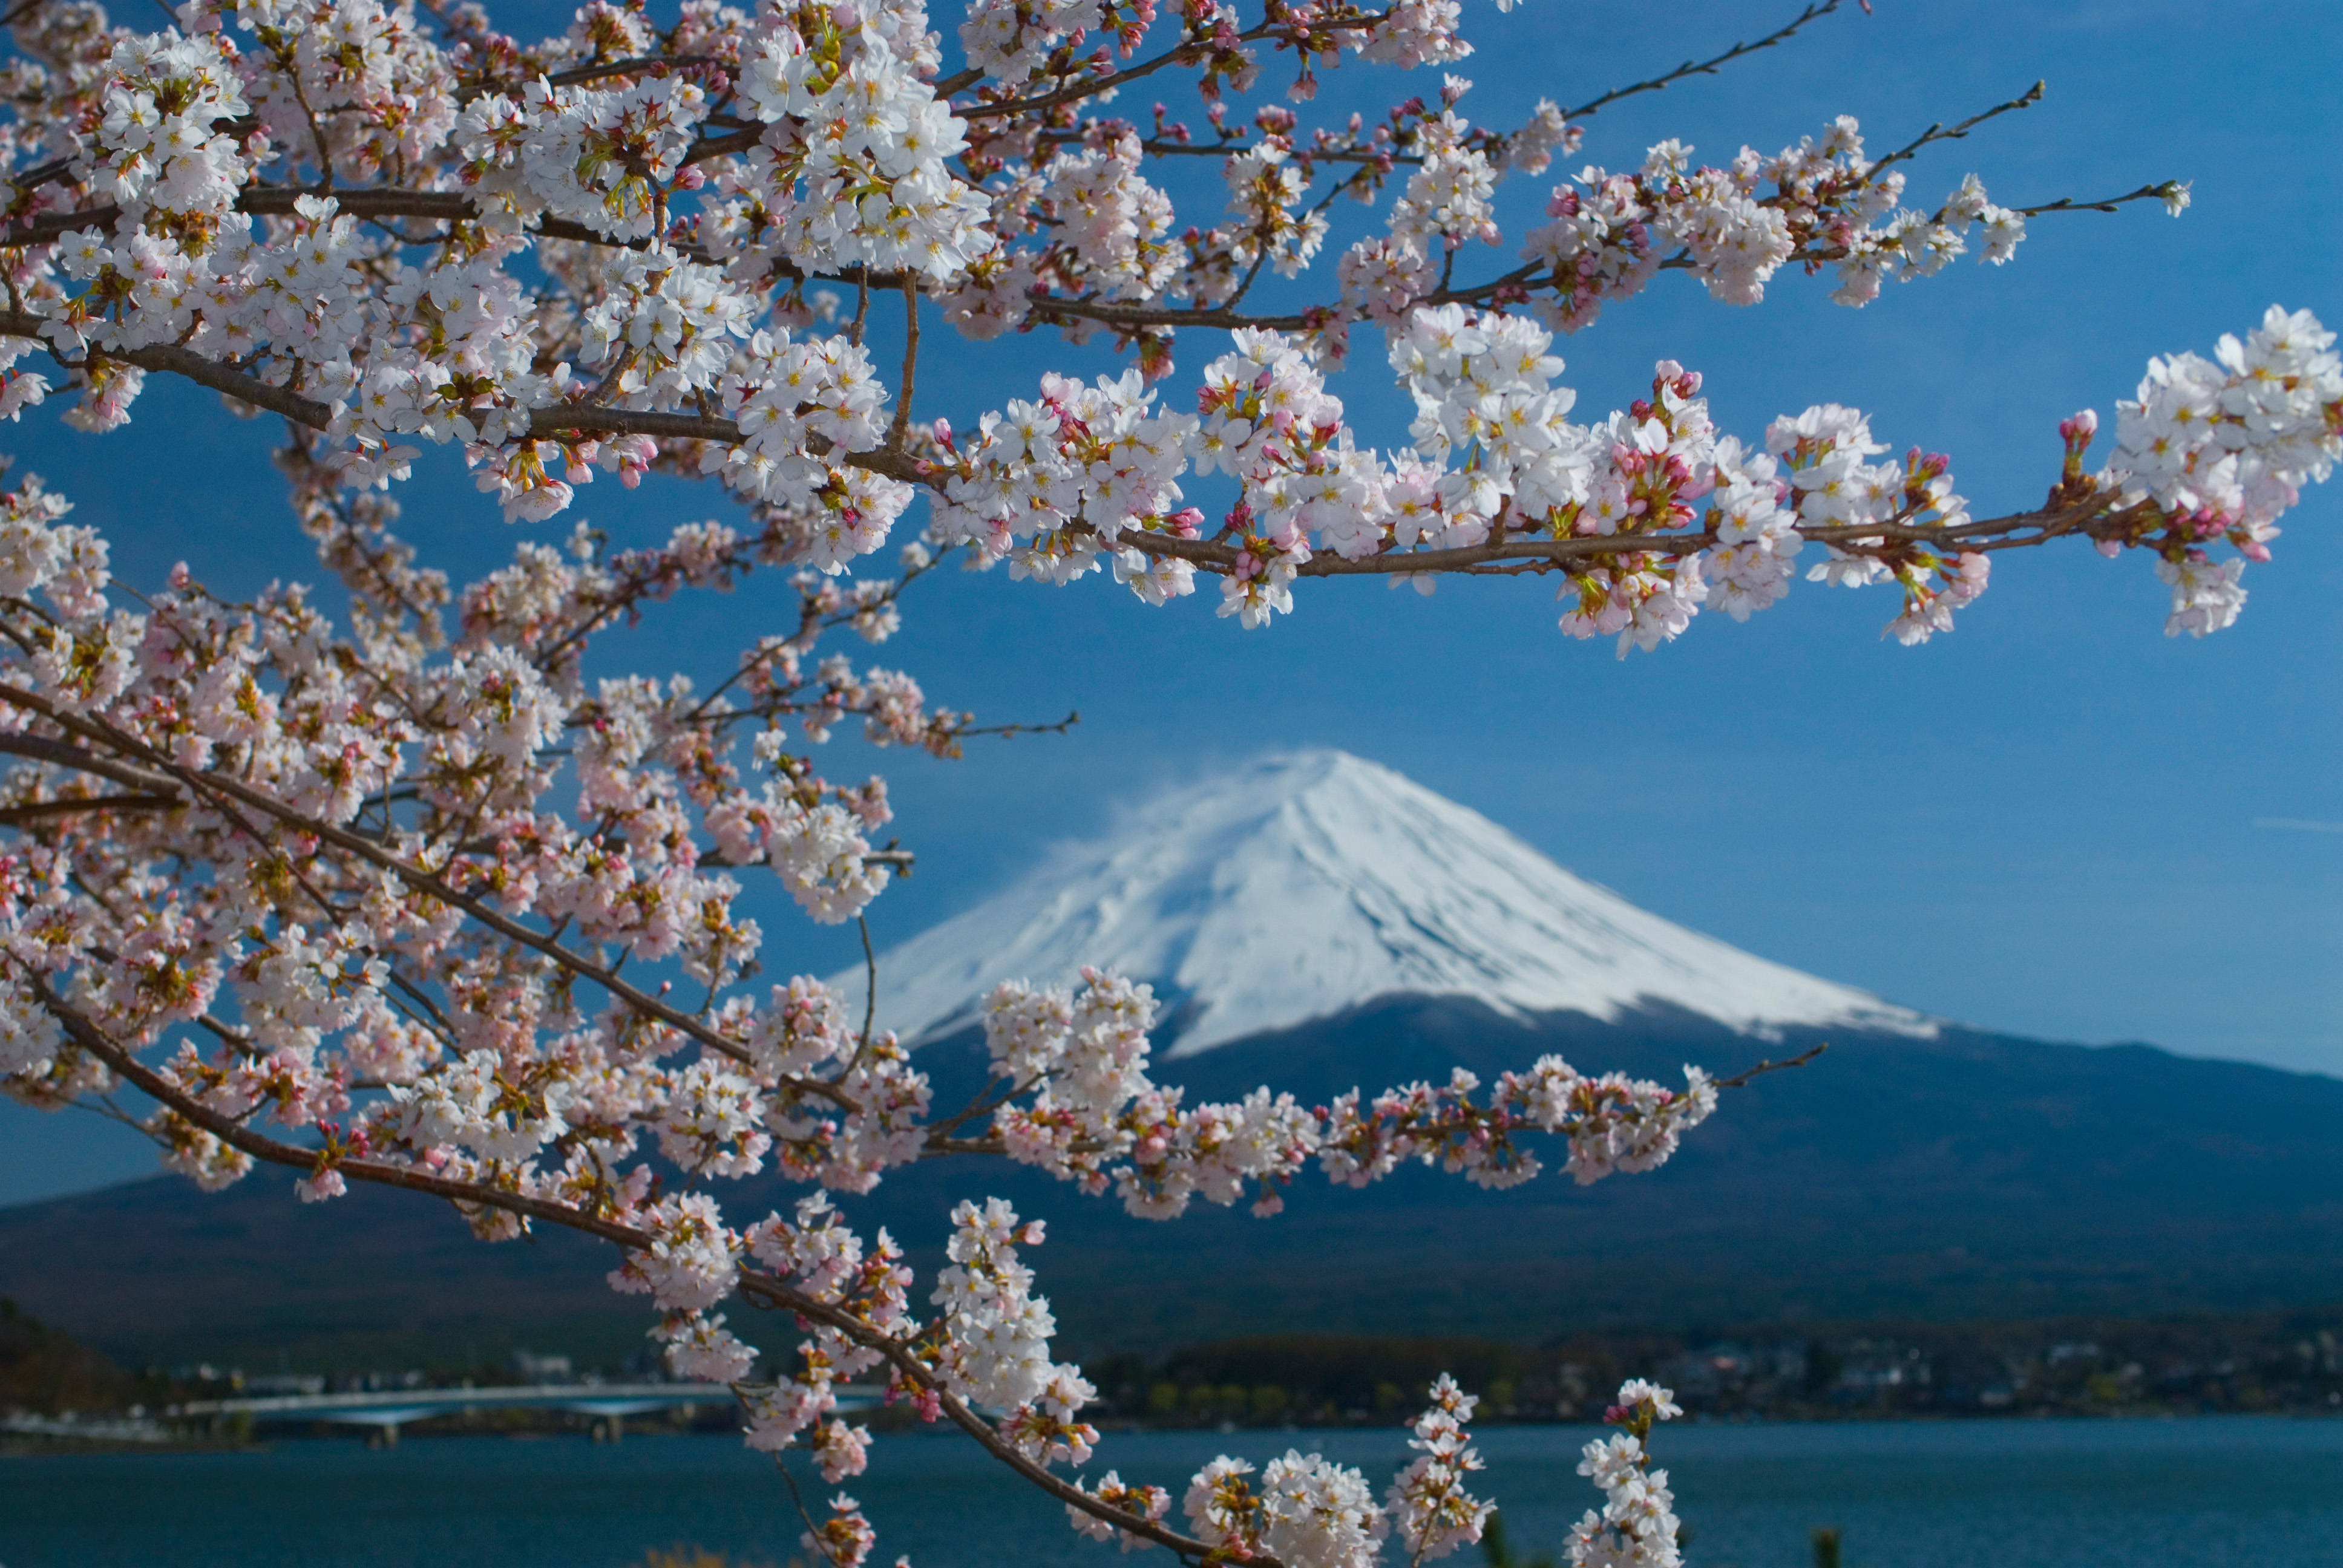 【移転】日本政府観光局、本部を四谷の新オフィスへ、5月7日から